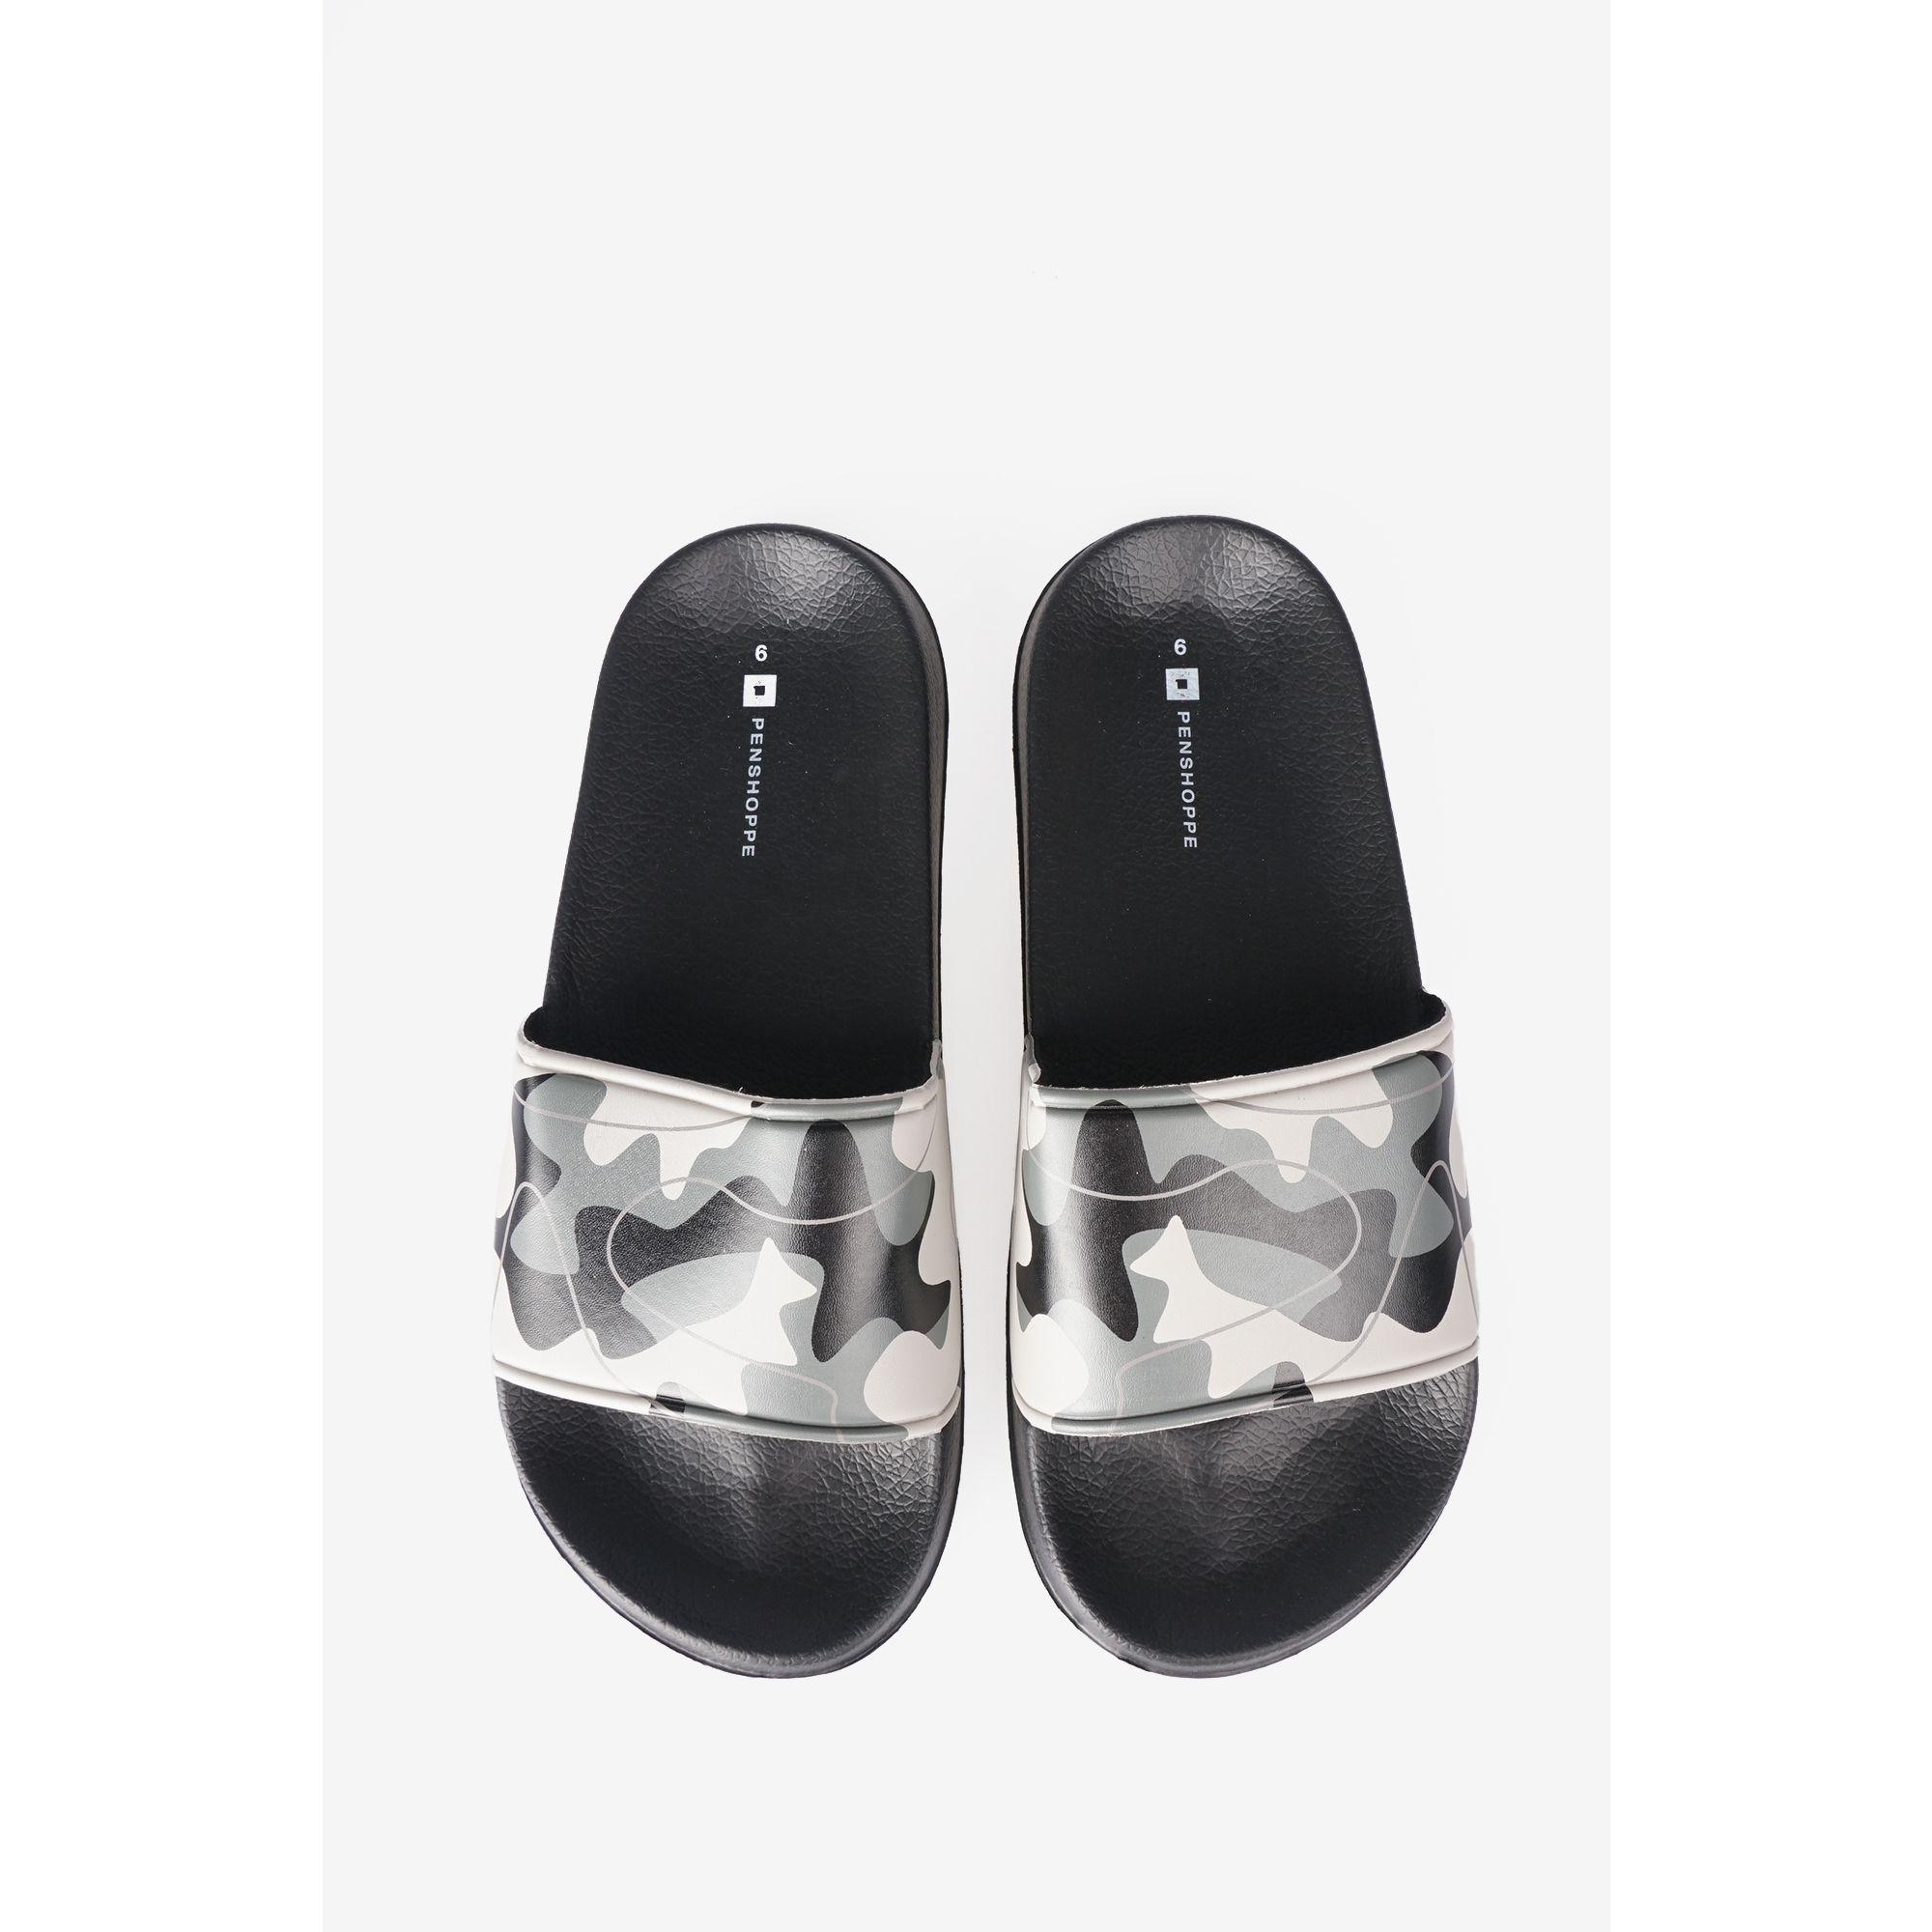 75ab8b7e2c9d07 Slides for Men for sale - Slide Slippers for Men online brands ...